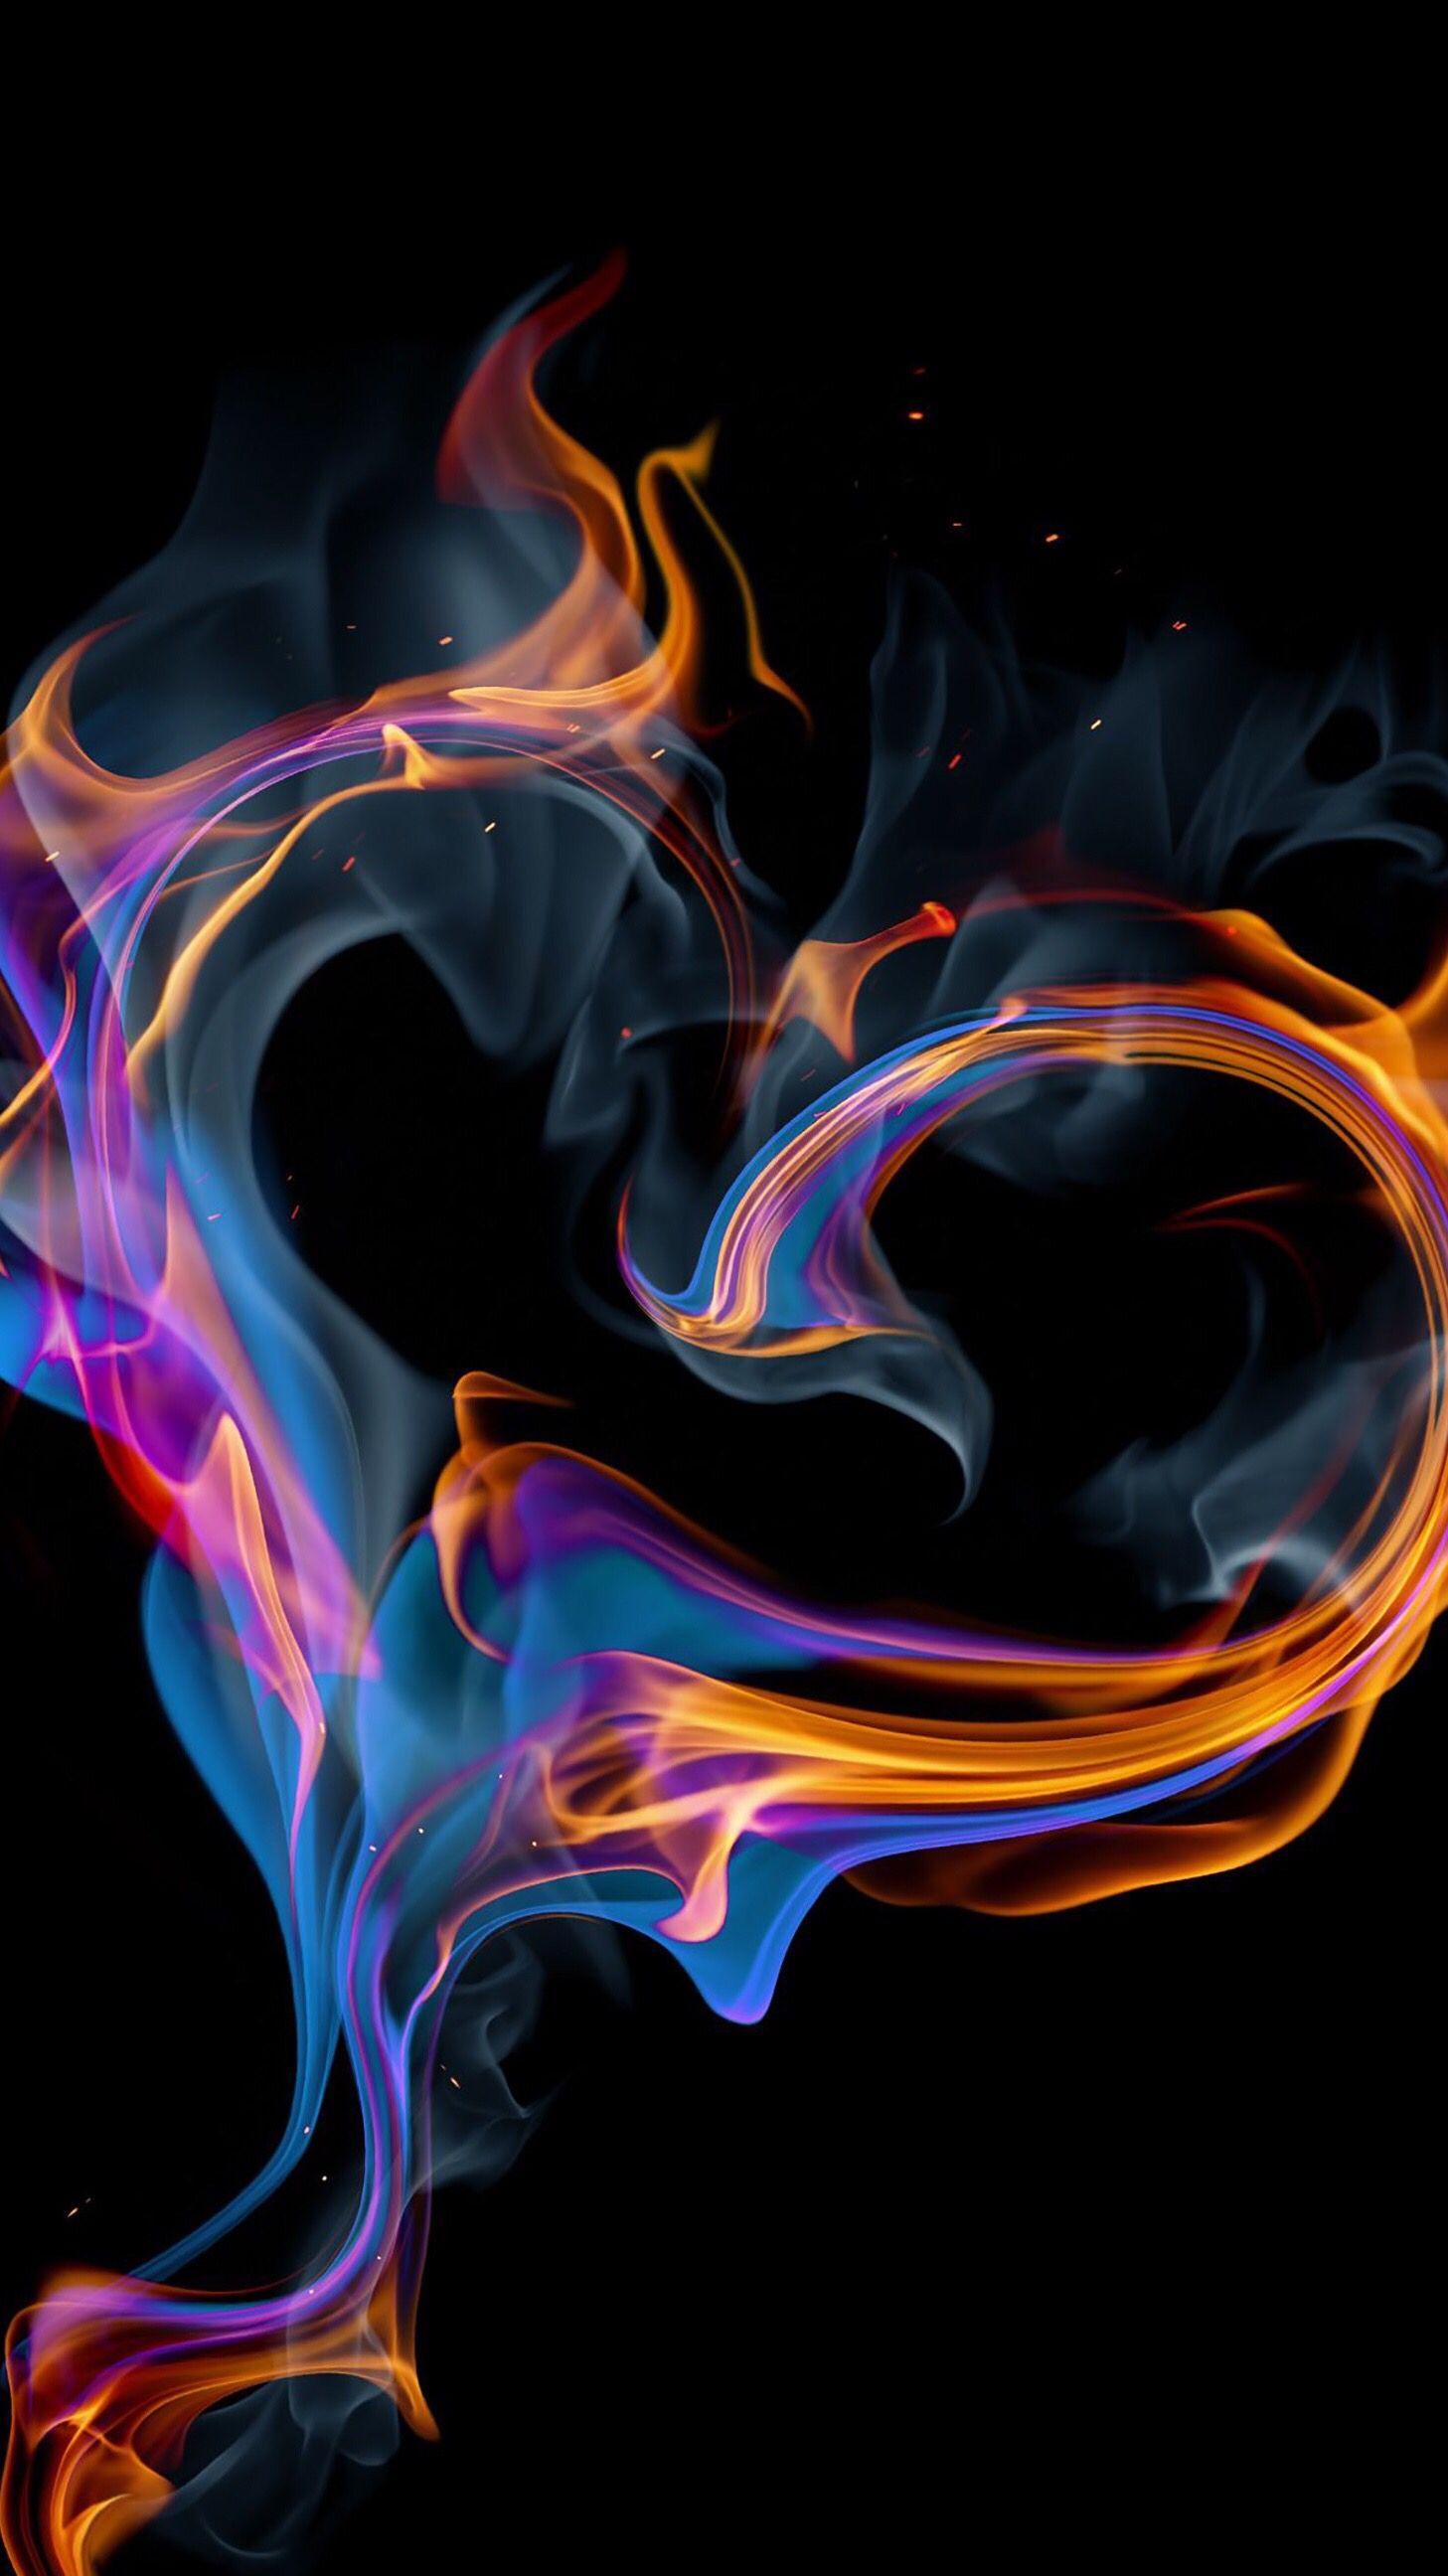 Hot Background Fire Heart Heart Wallpaper Fire Art